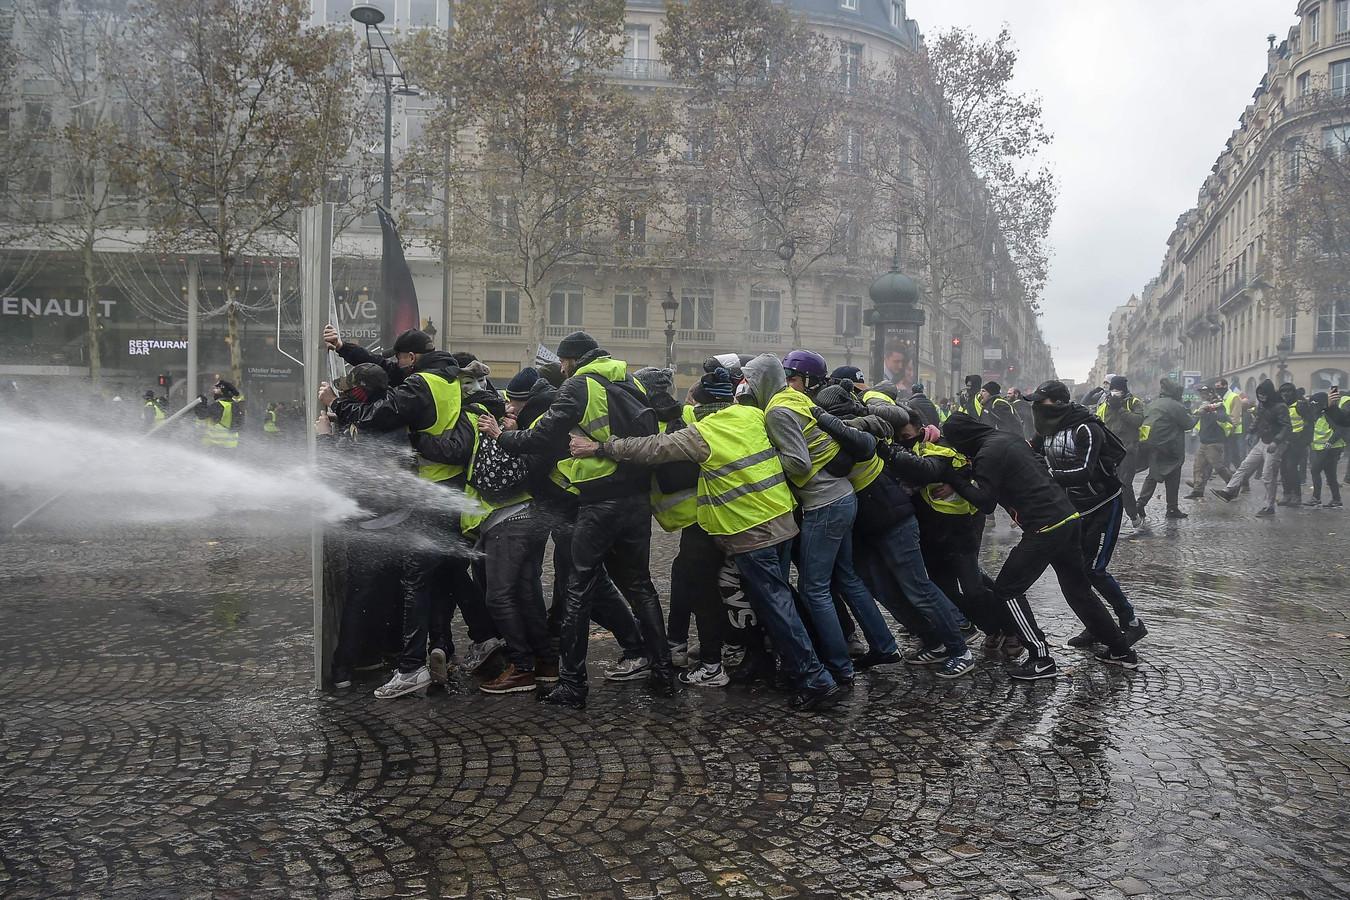 Op deze foto uit november 2018 worden Gele Hesjes bestookt met een waterkanon